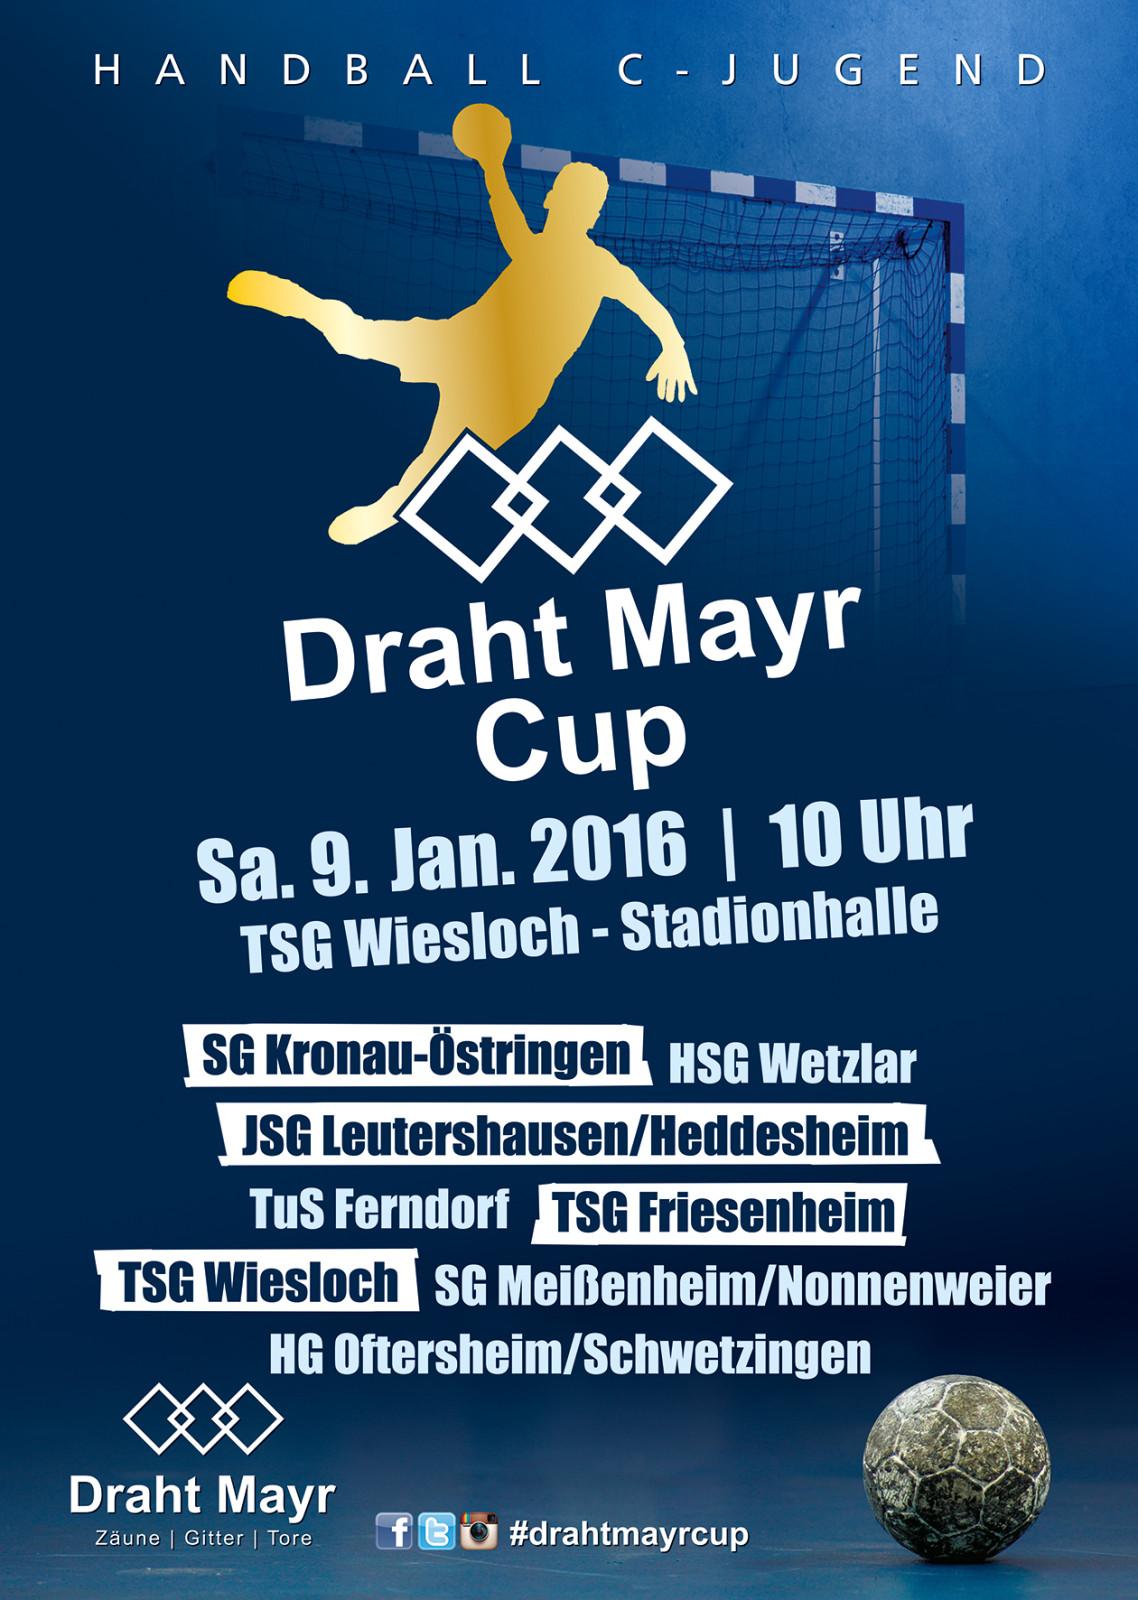 Draht Mayr Cup 2016 – TSG Wiesloch